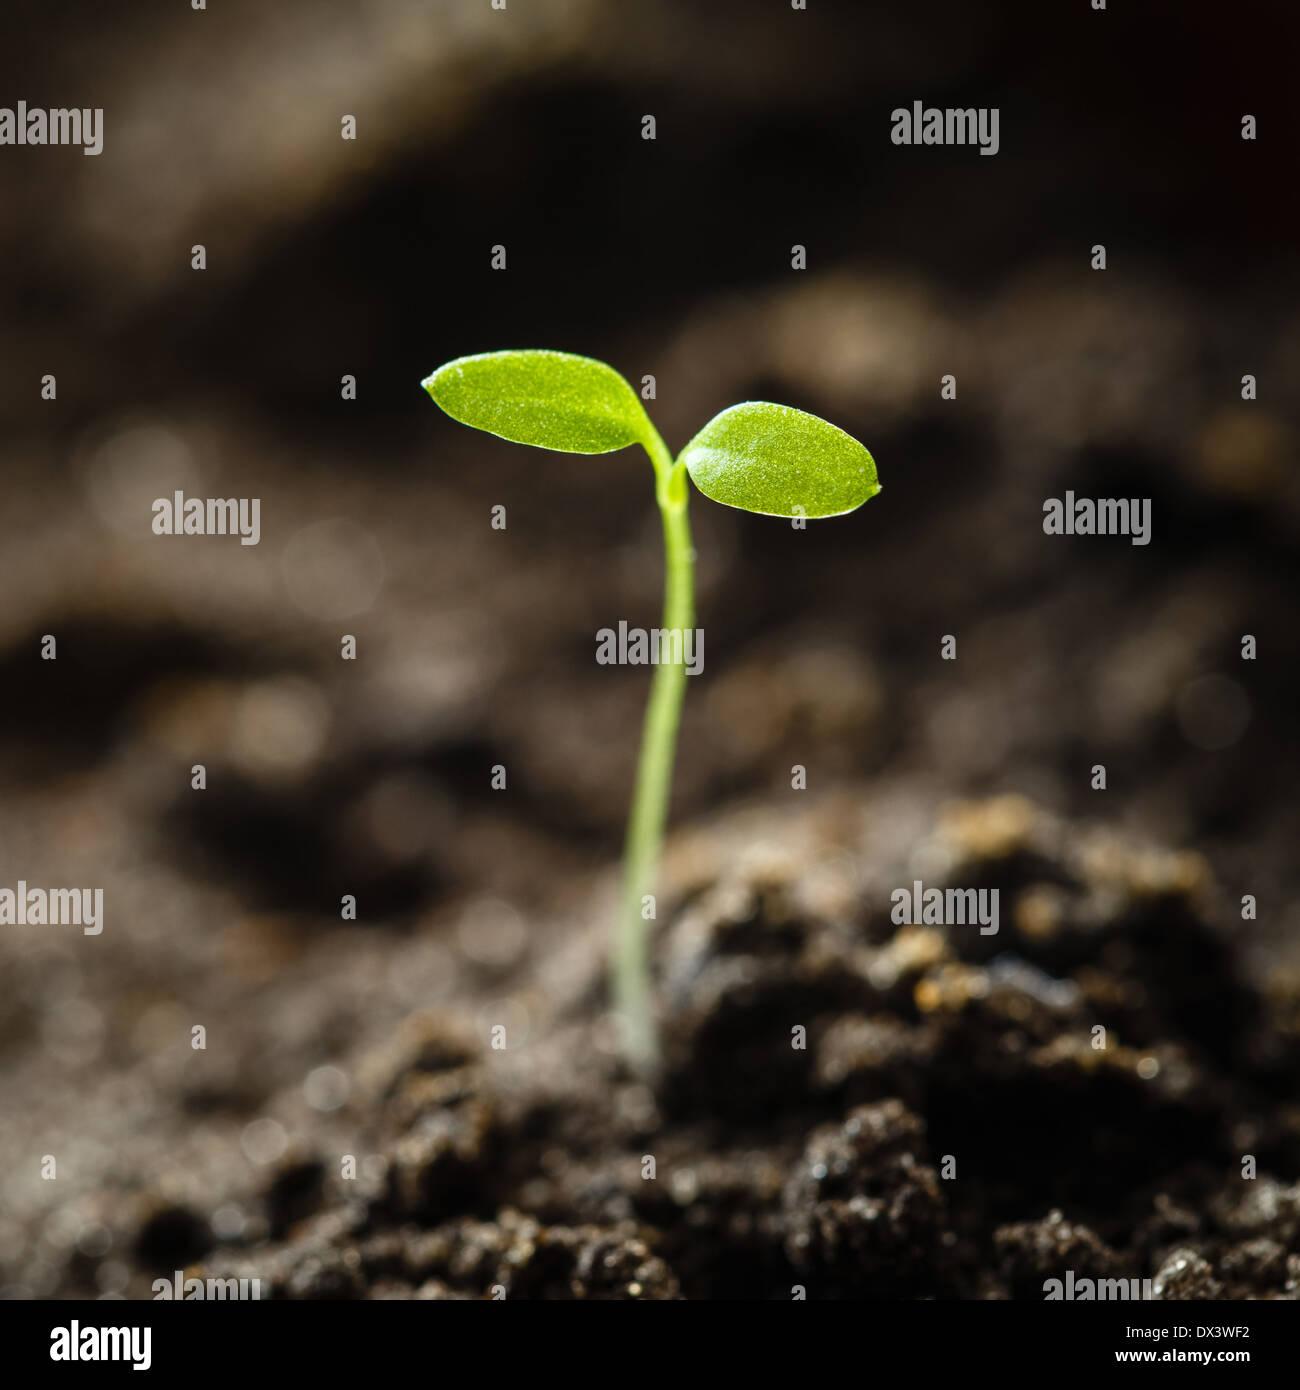 Grüne Spross wachsen aus Samen isoliert auf weißem Hintergrund. Frühling-Symbol, Konzept des neuen Lebens Stockbild